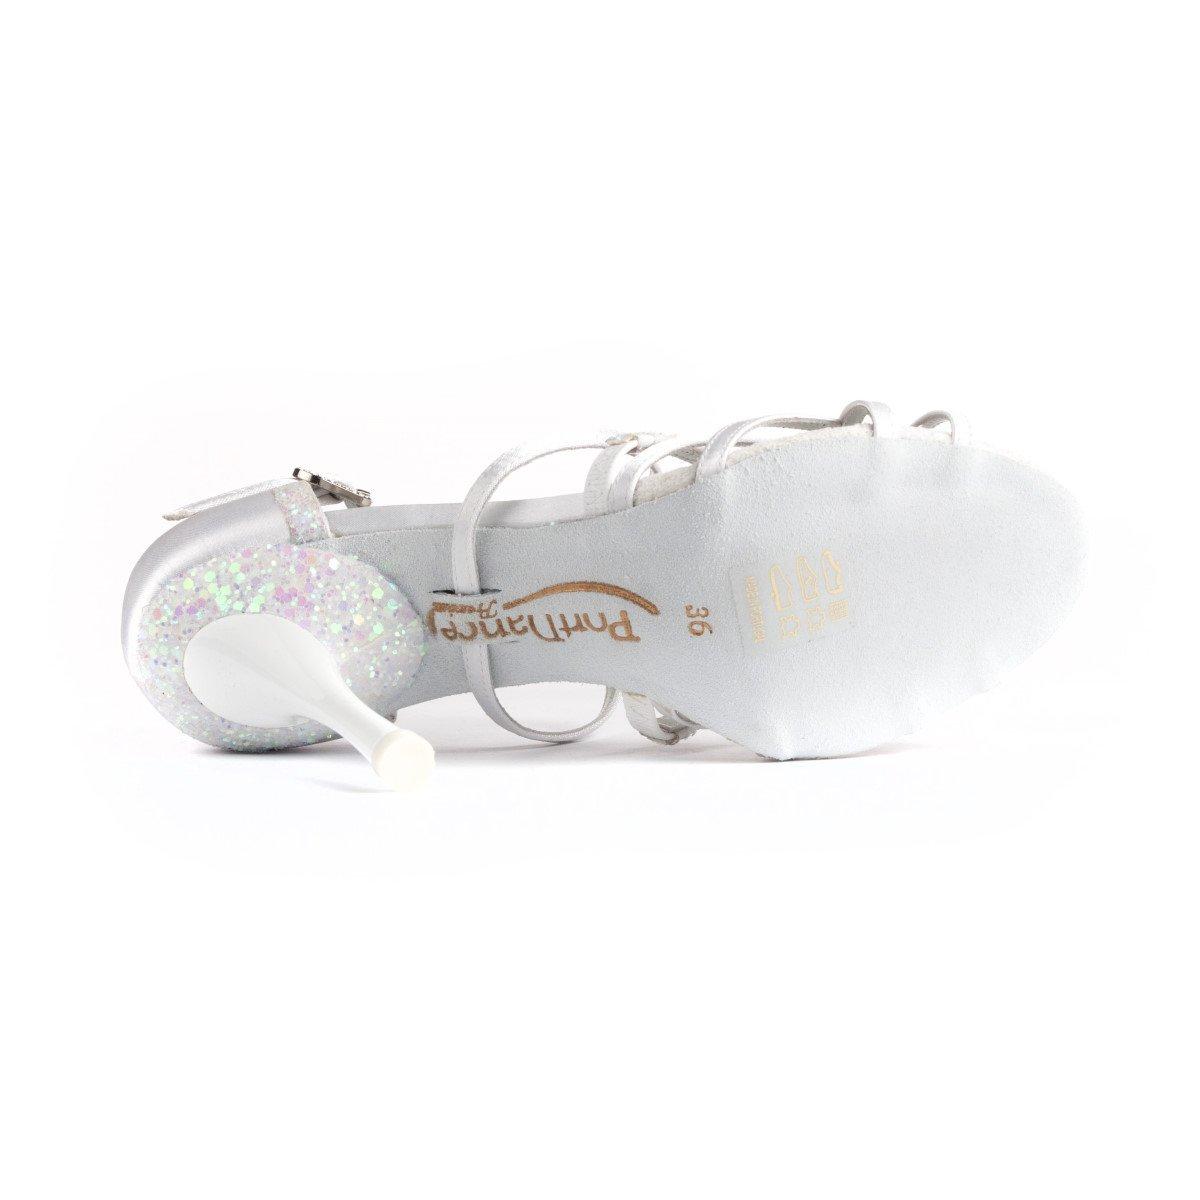 PortDance Donne Scarpe Scarpe Scarpe da Ballo Scarpe da Sposa PD800 Pro - Raso Bianco - 5.5 cm Slim 8c9e89